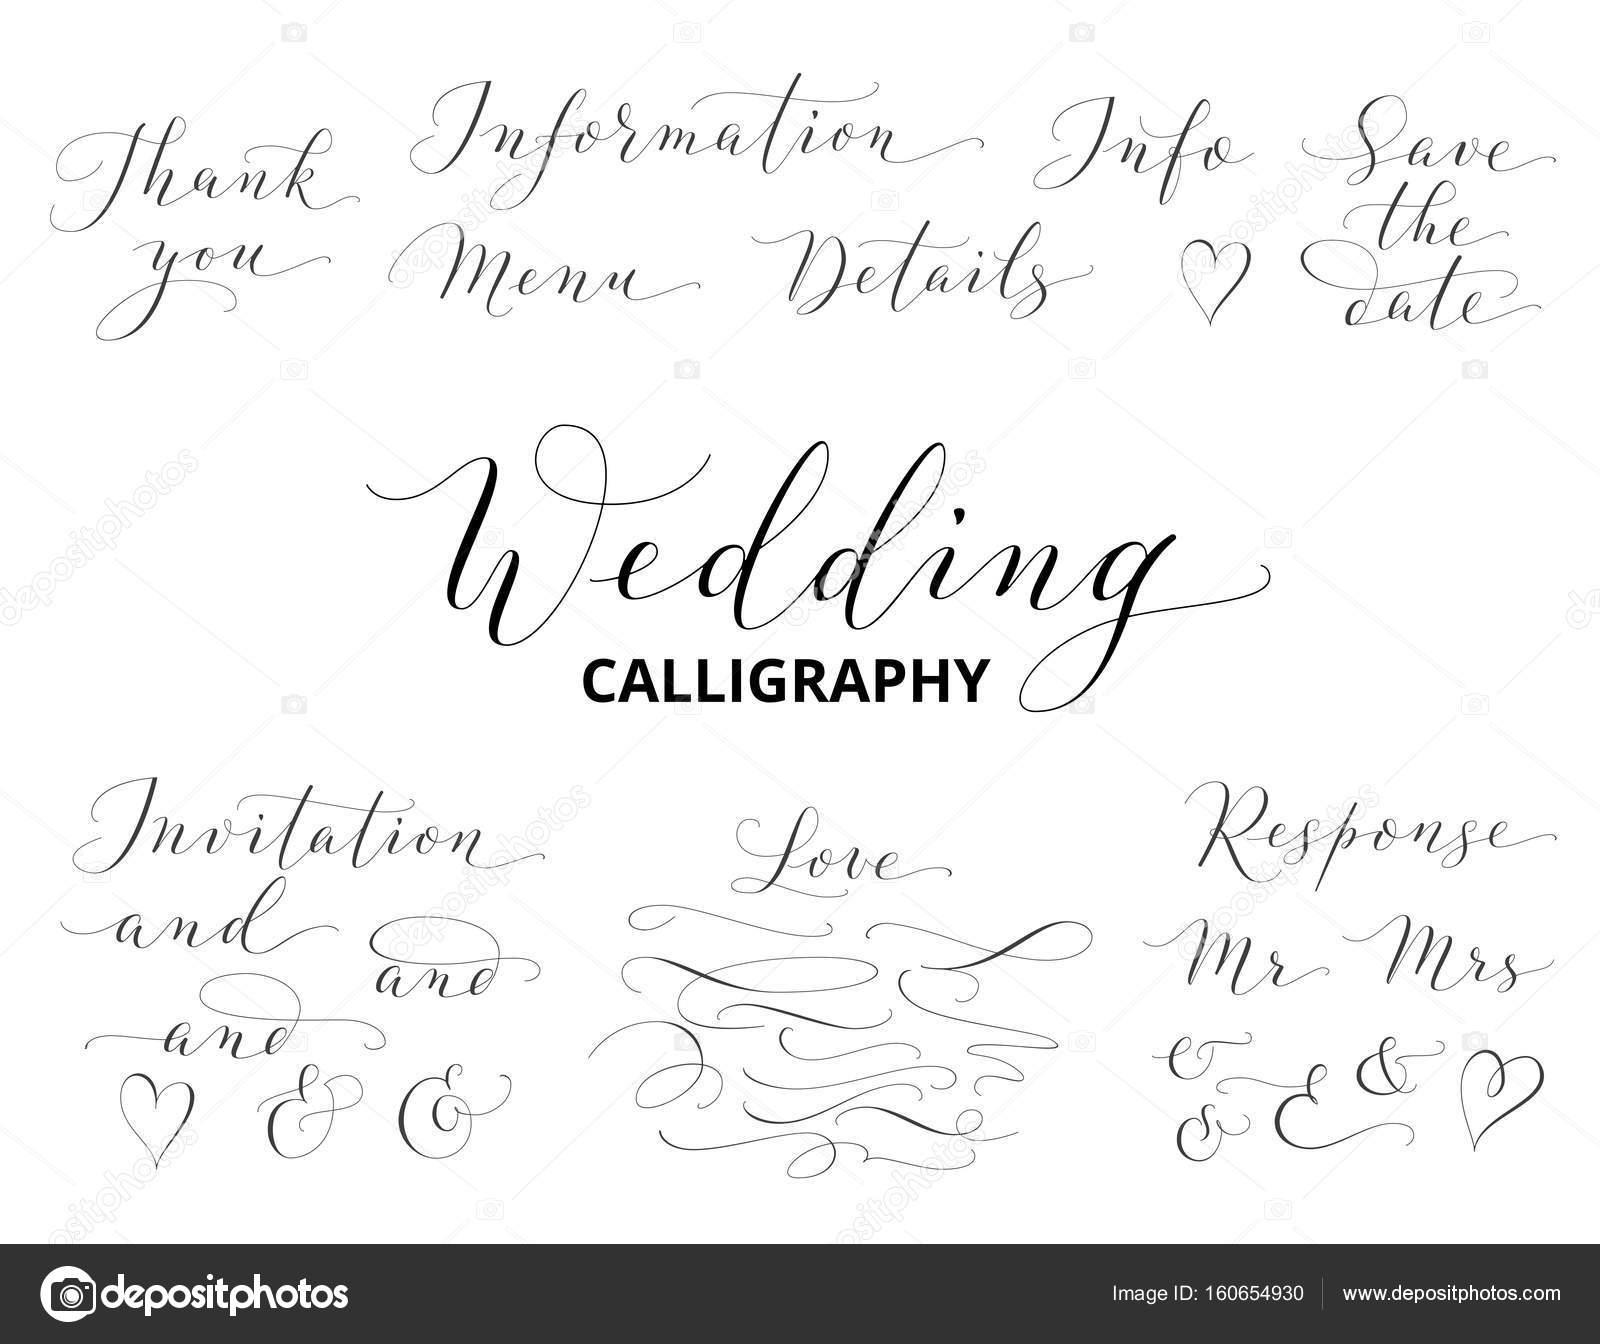 Speichern Sie Das Datum, Liebe, Informationen, Reaktion, Details, Danke,  Menü Worte. Ideal Für Hochzeits Einladungen, Karten, Foto Overlays U2014 Vektor  Von ...